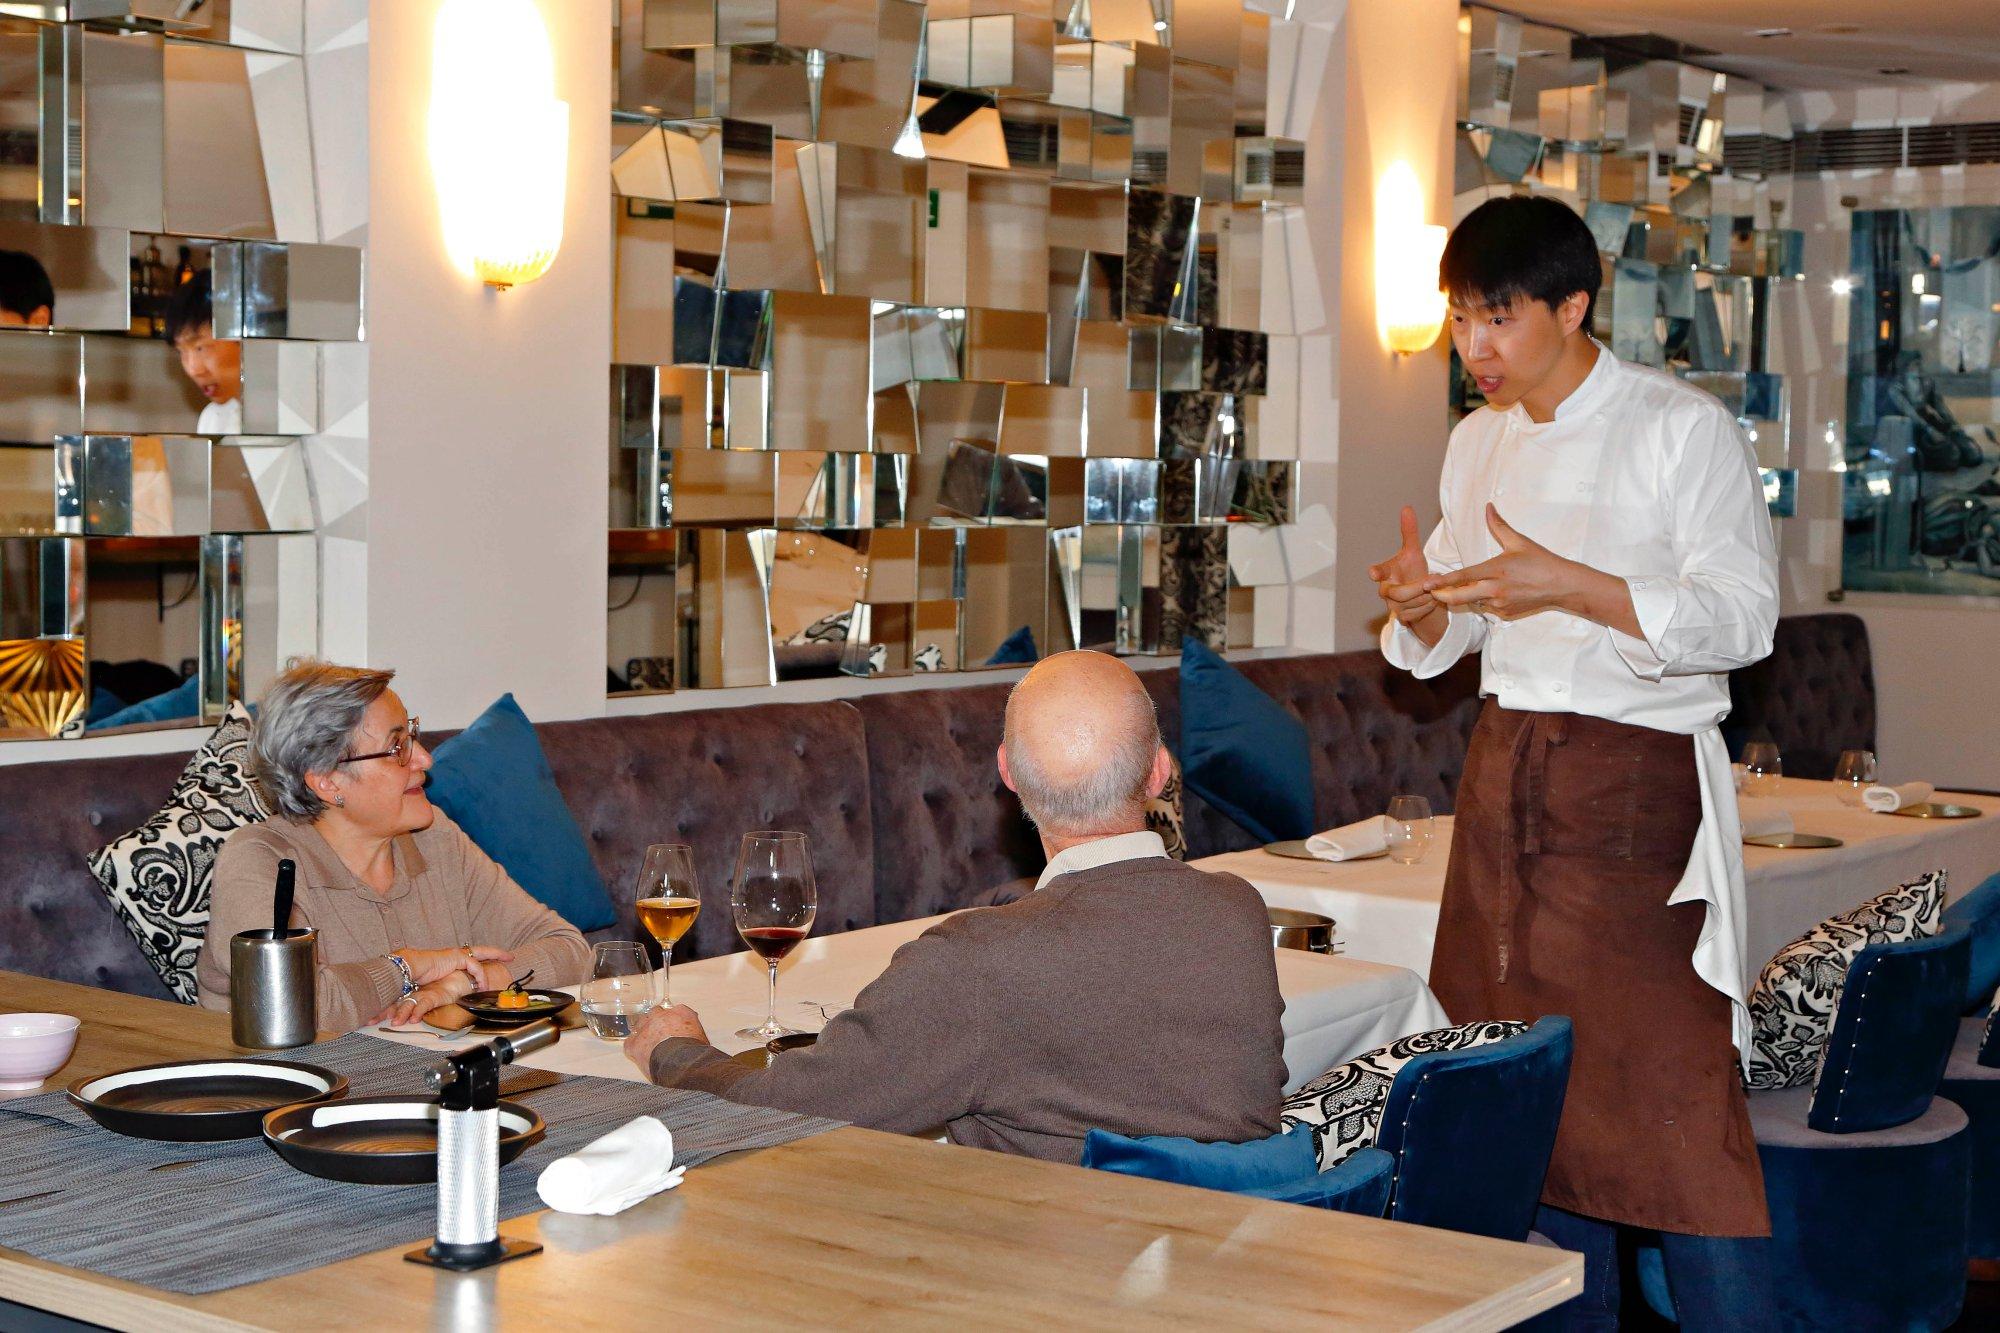 Luke se encarga de contar a los clientes la historia de cada uno de sus platos.